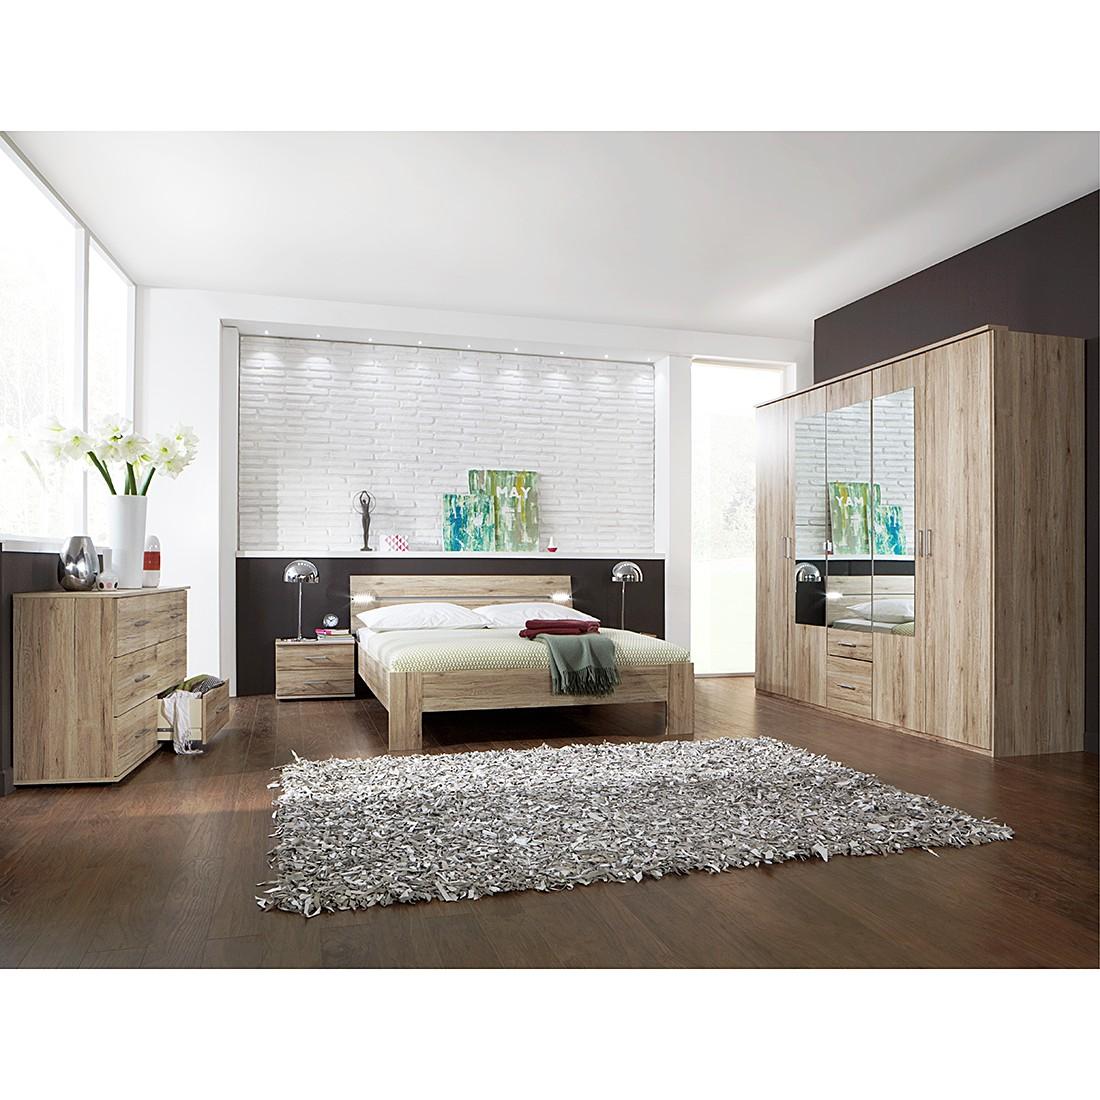 Combinaison de chambre à coucher Saxman (4 éléments) - Imitation chêne de San Remo, Wimex